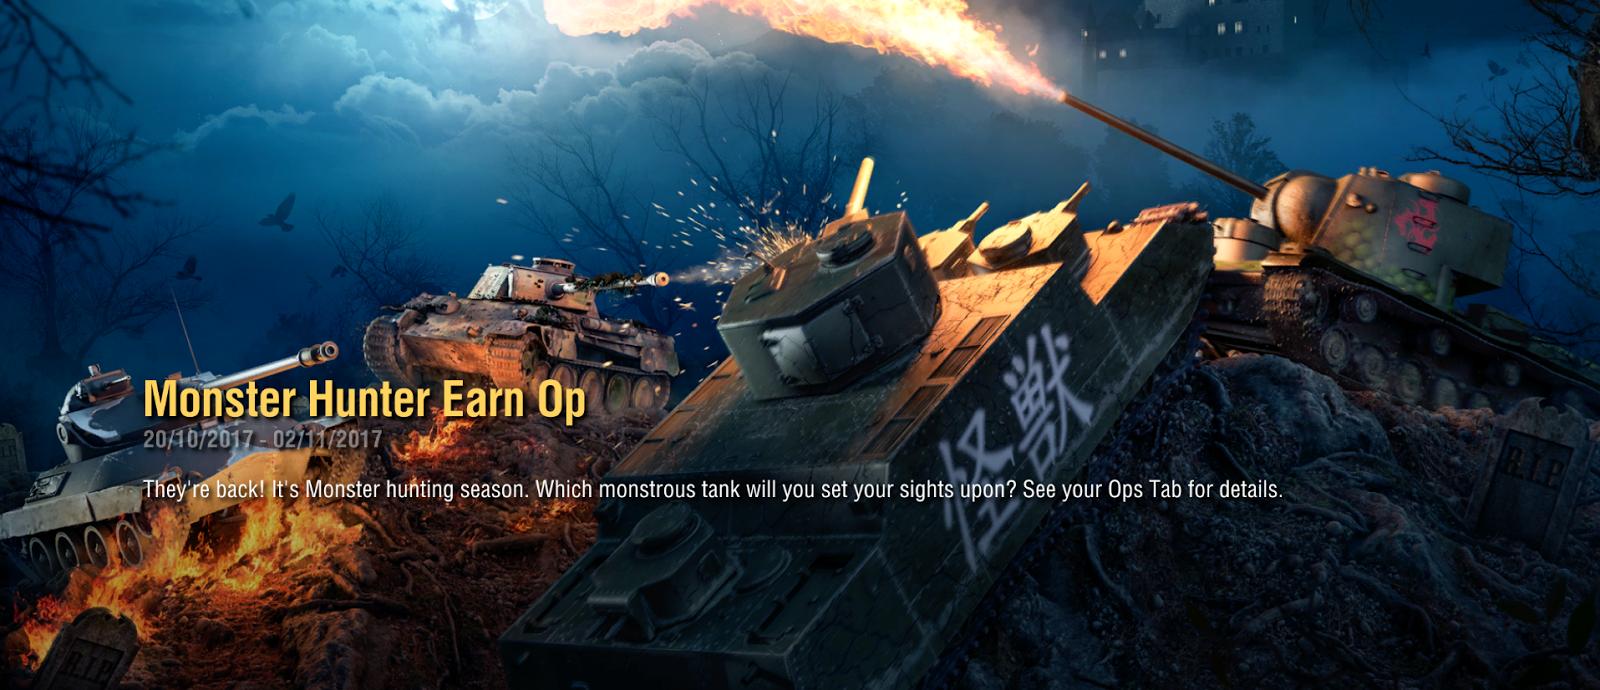 world of tanks download test server 8.10